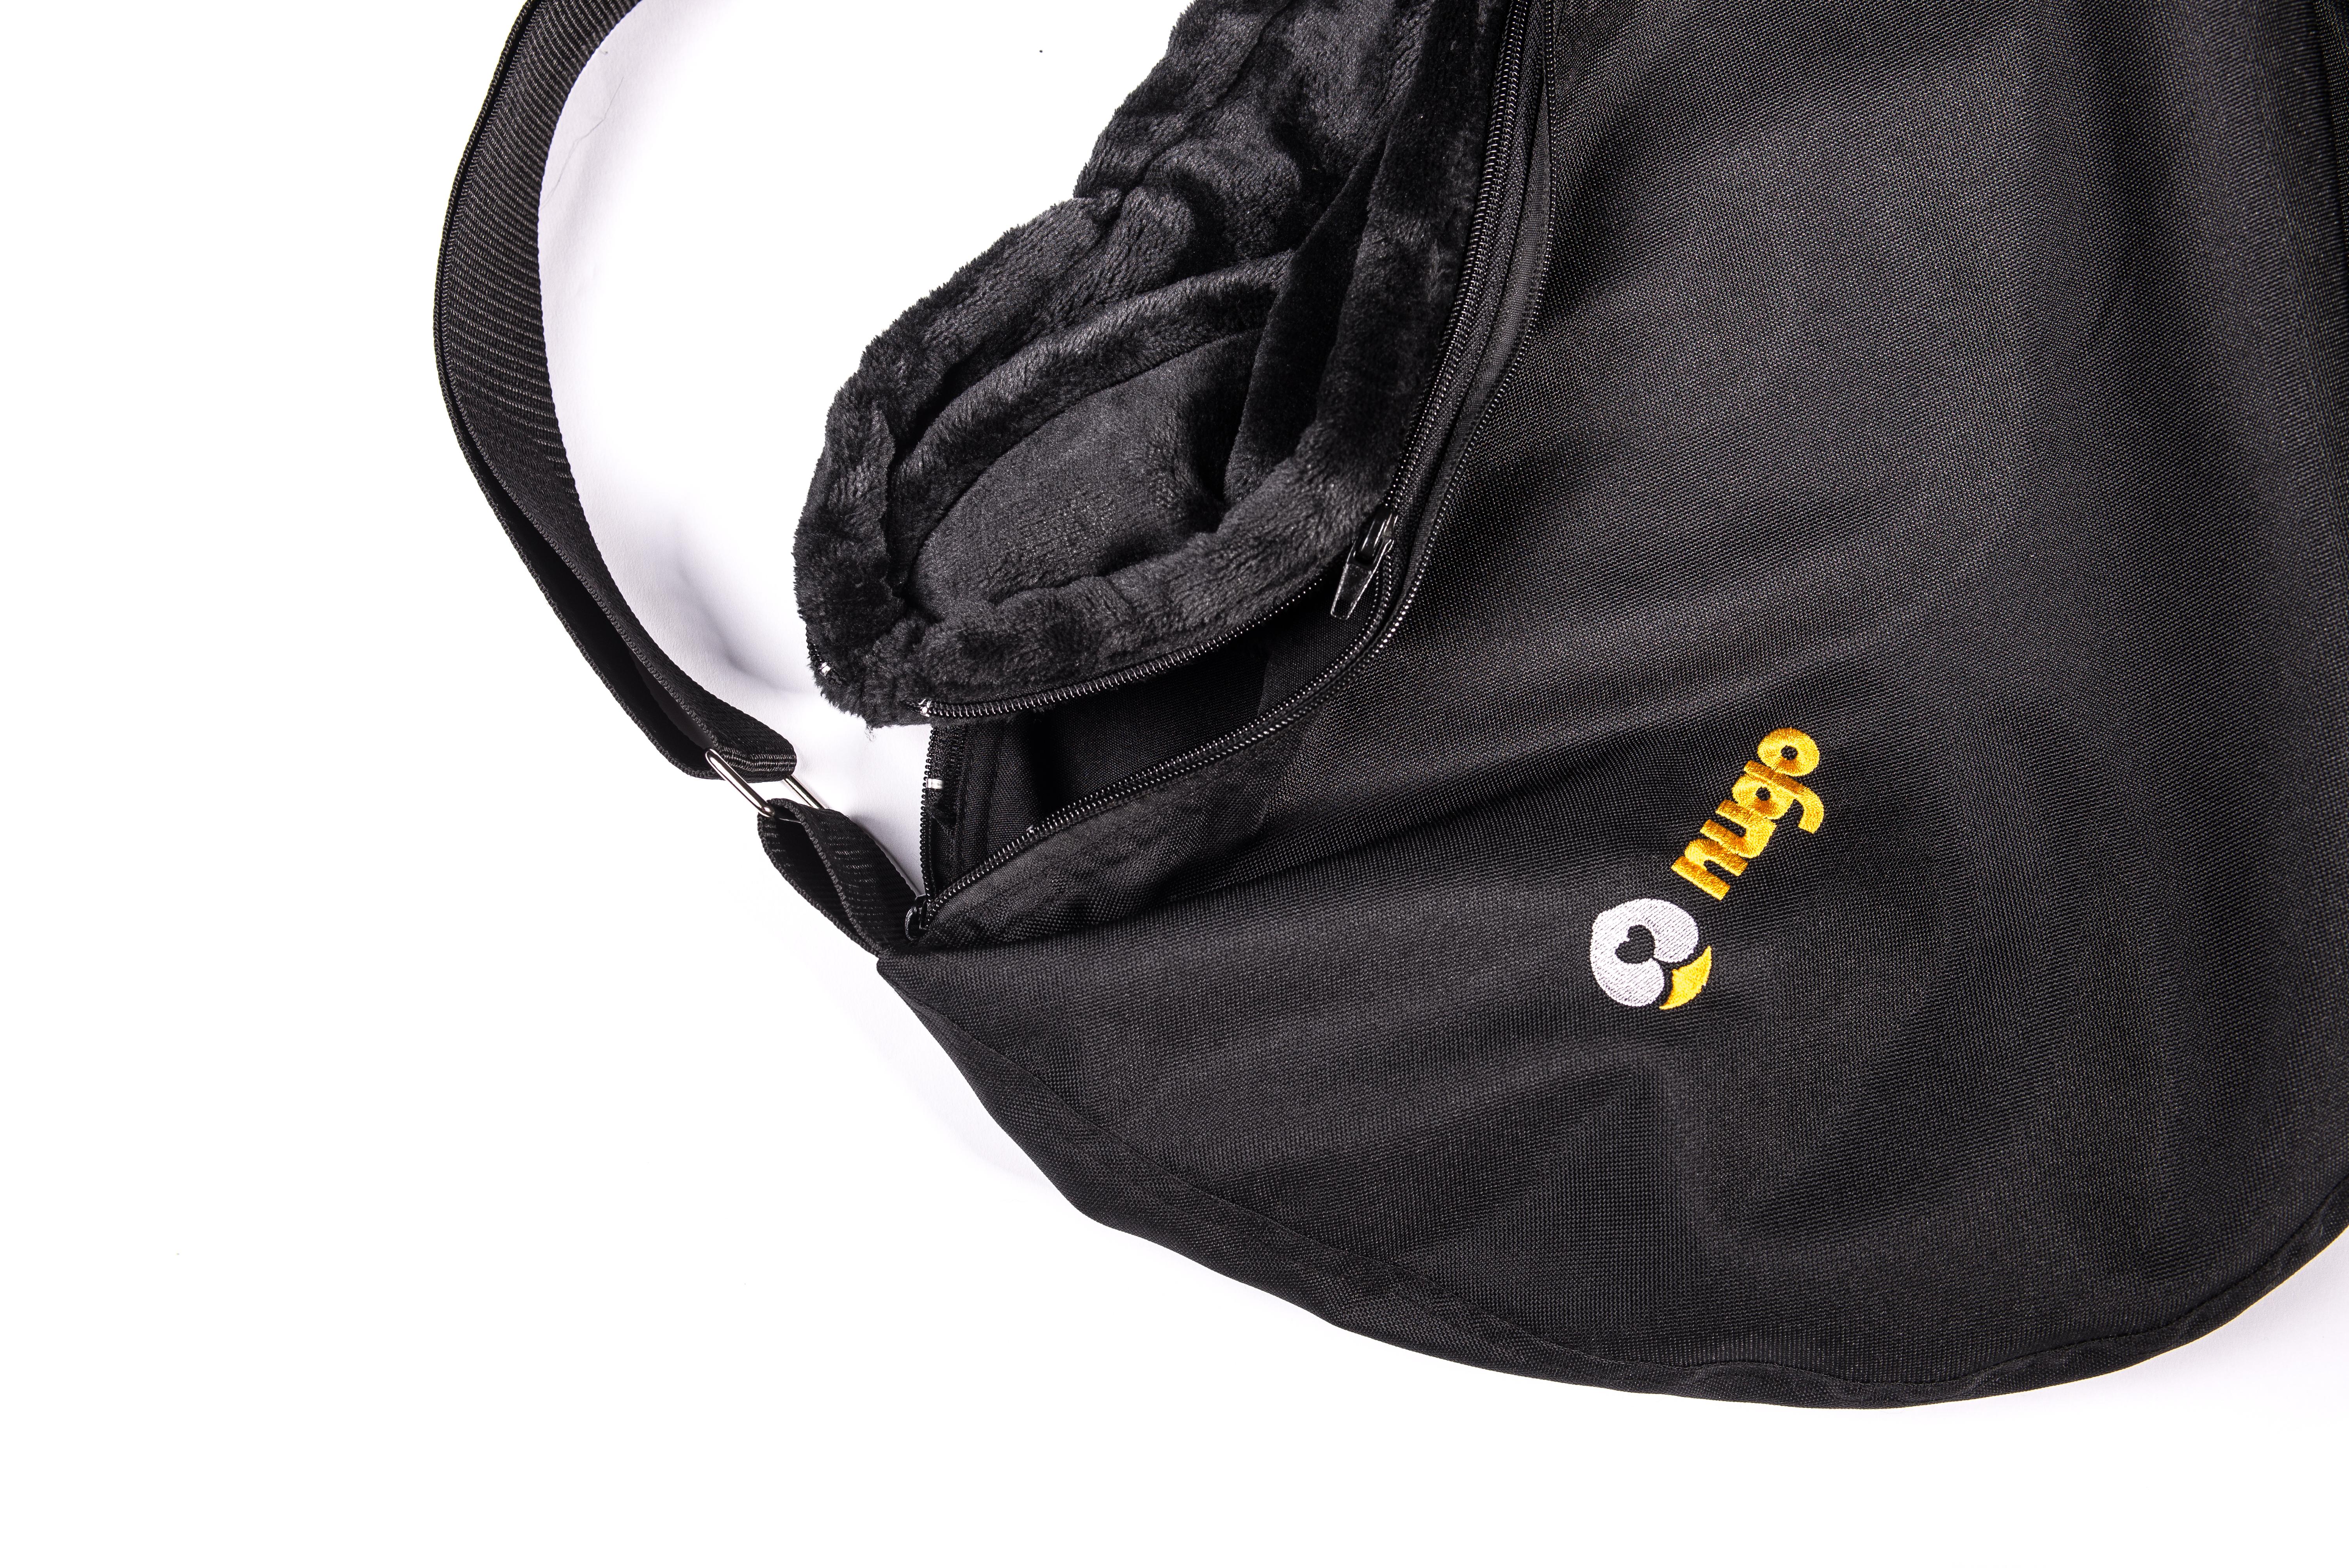 Proč nemá NUGO taška kapsičku?